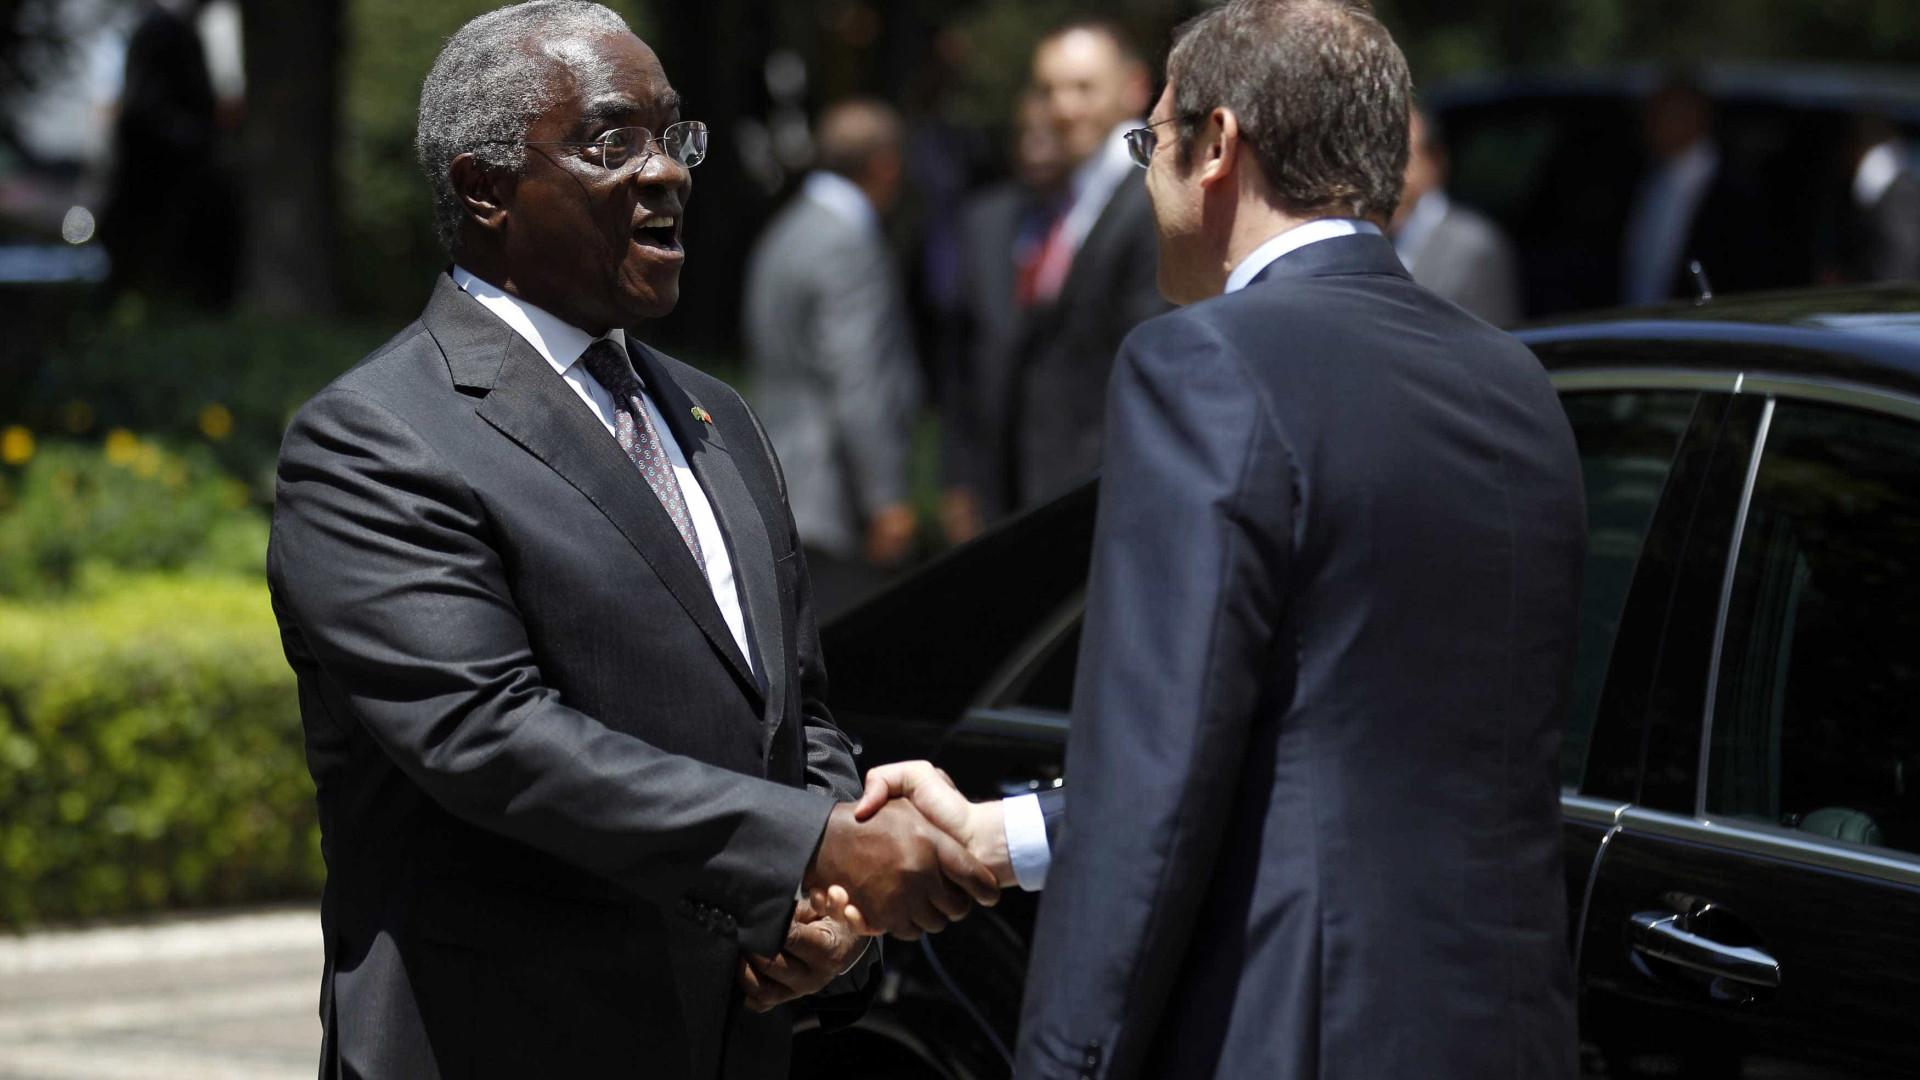 Maçonaria lusa recruta altos dirigentes lusófonos